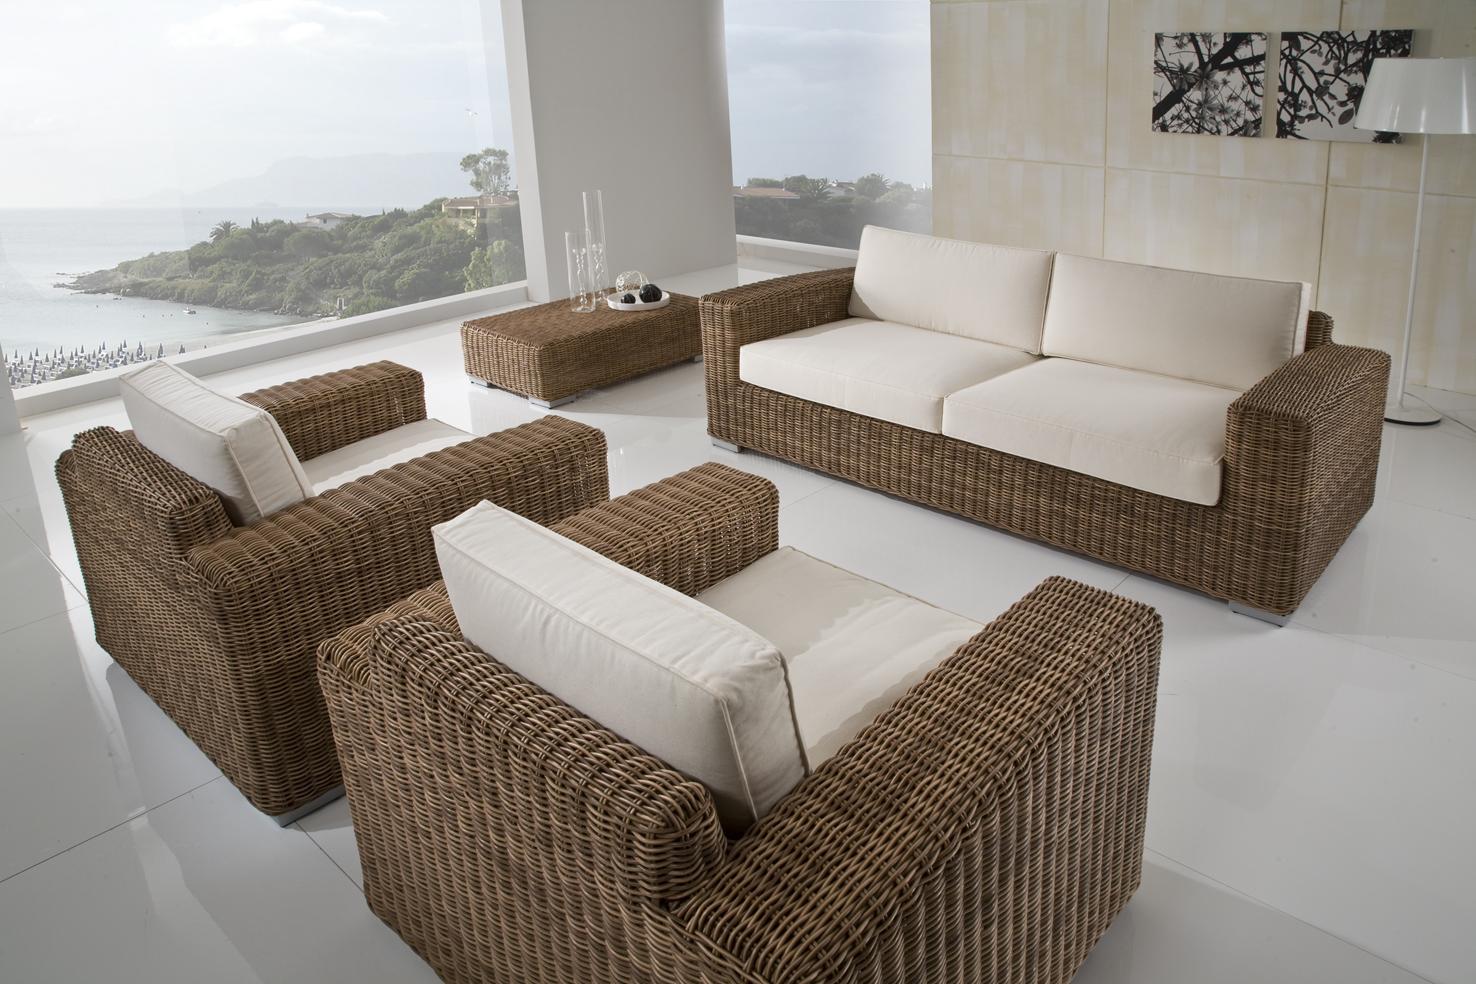 Casa immobiliare accessori salotti da esterno offerte for Arredo giardino rattan offerte